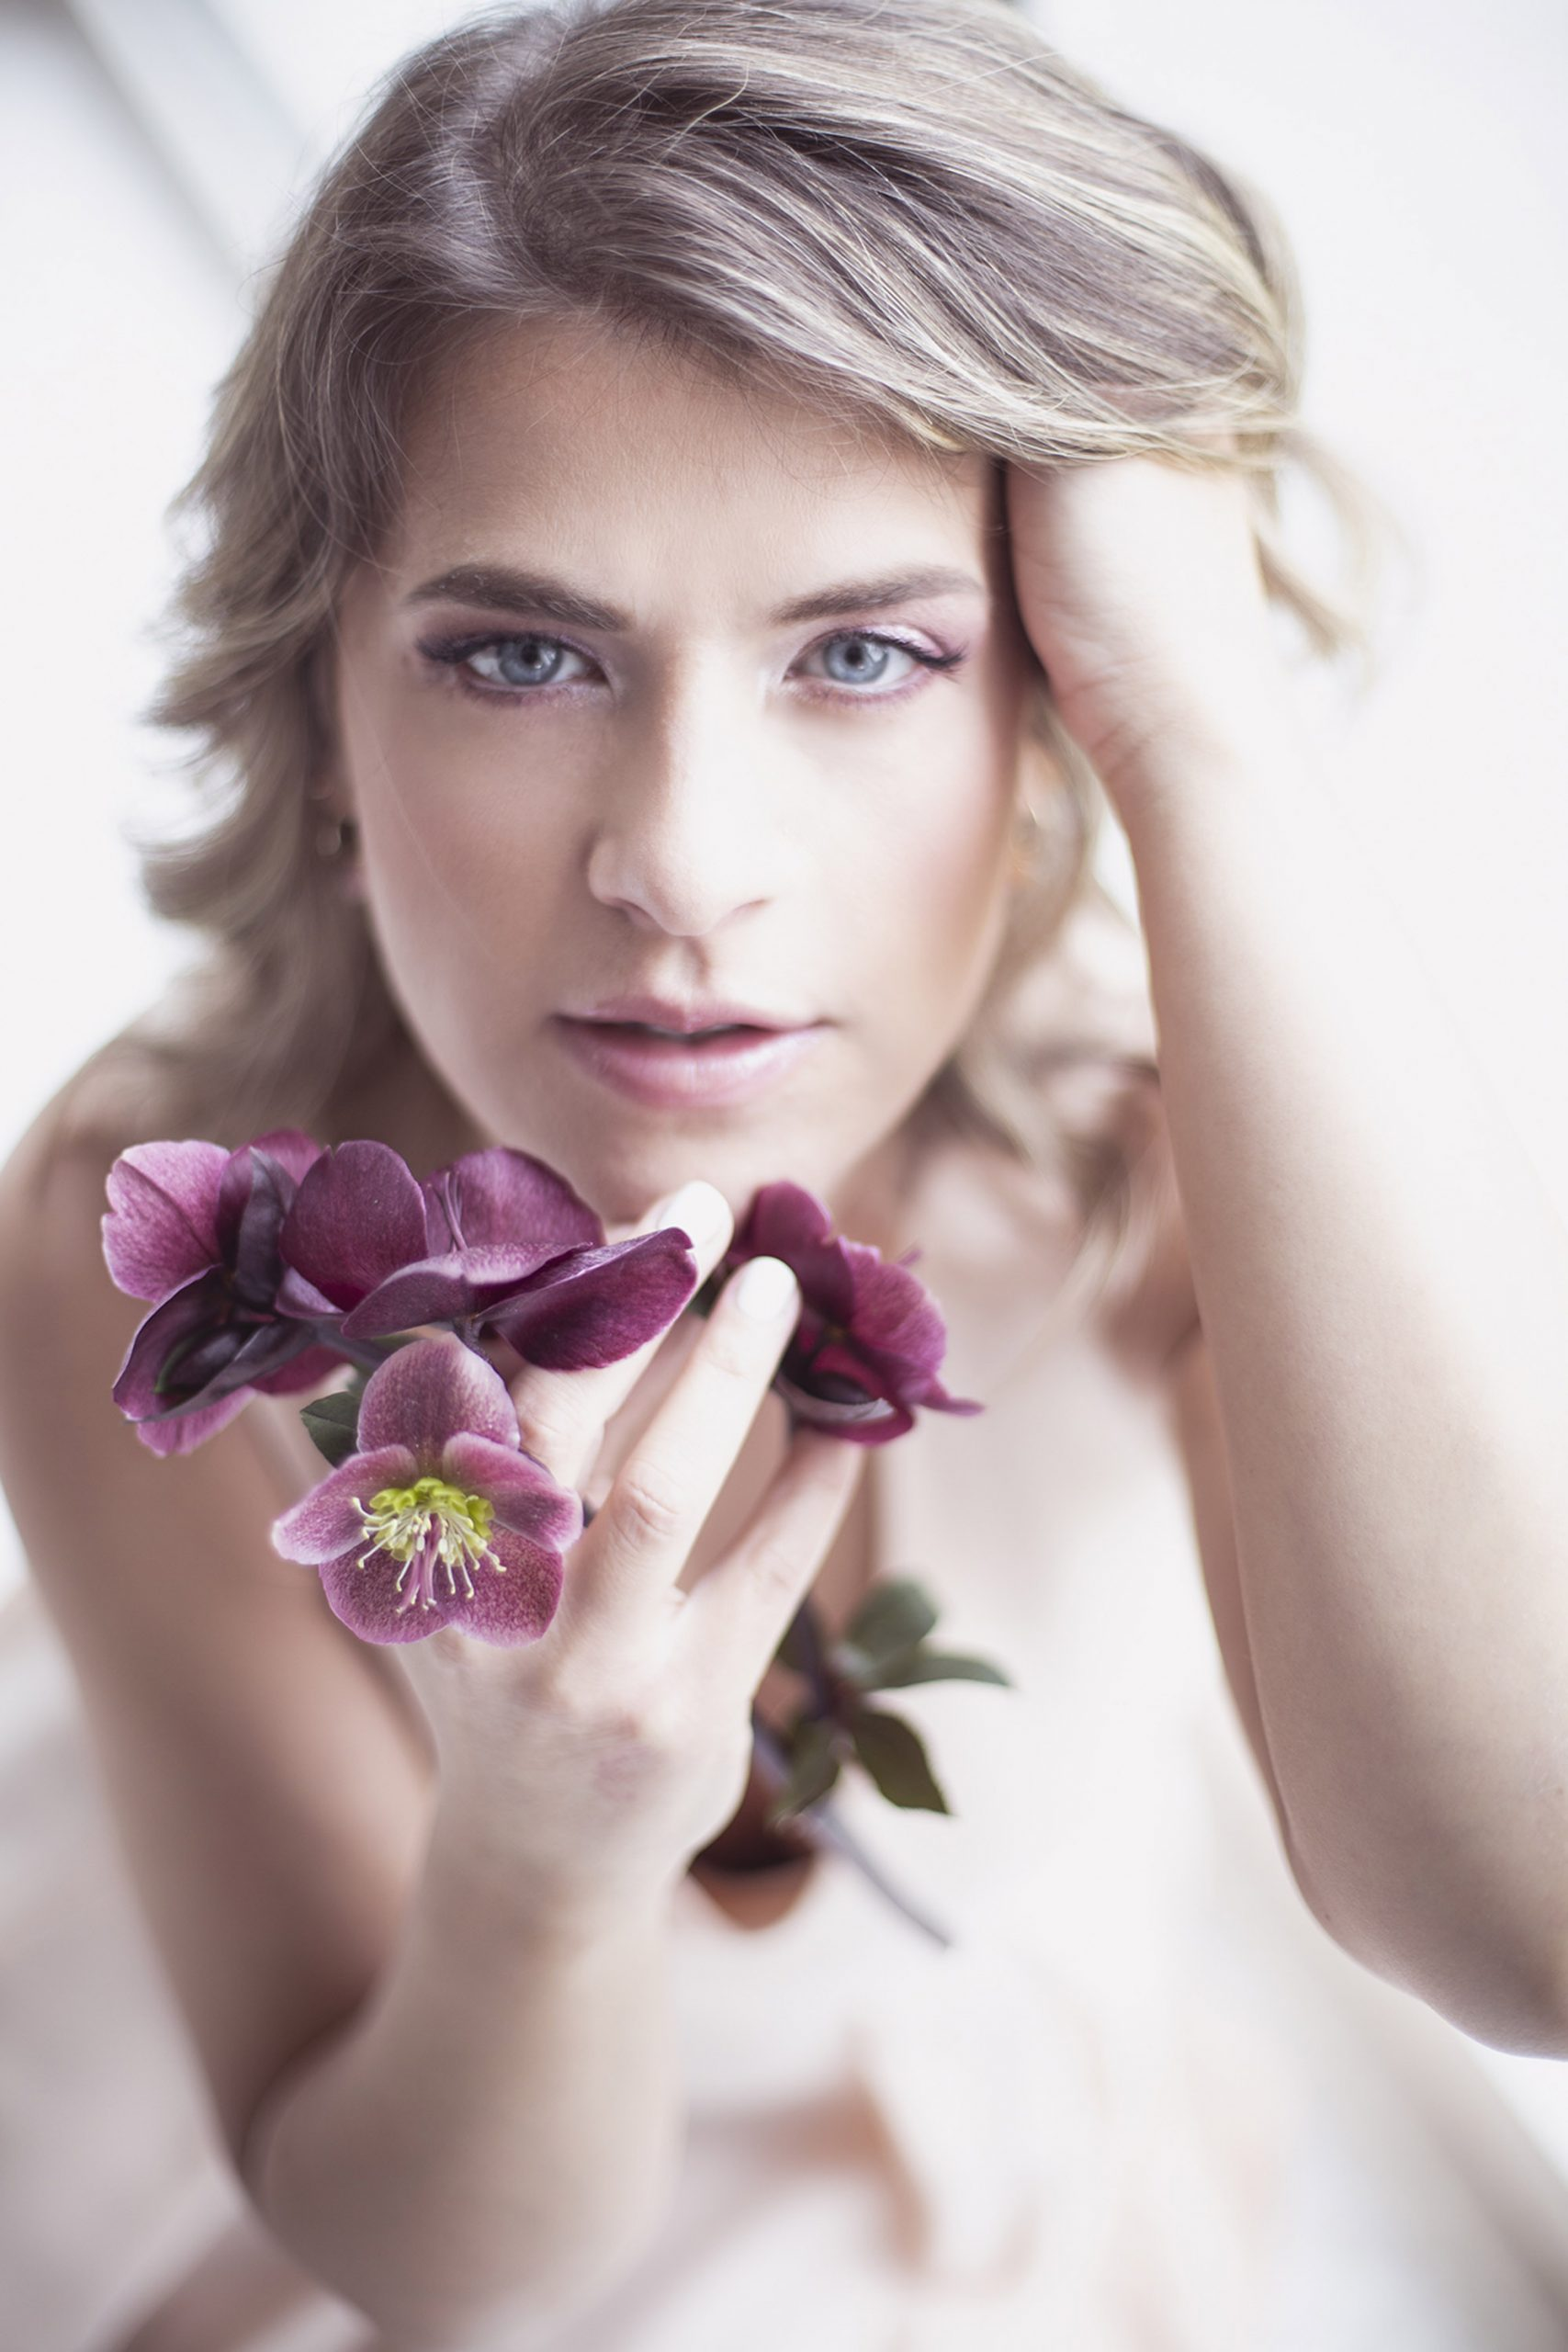 Categorie: Fashion, Glamour, Portrait; Photographer: FEDERICO PASQUALINI; Model: MICHELA MARTINELLI; Mua: MIOTTO CRISTINA; Location: Verona, VR, Italia